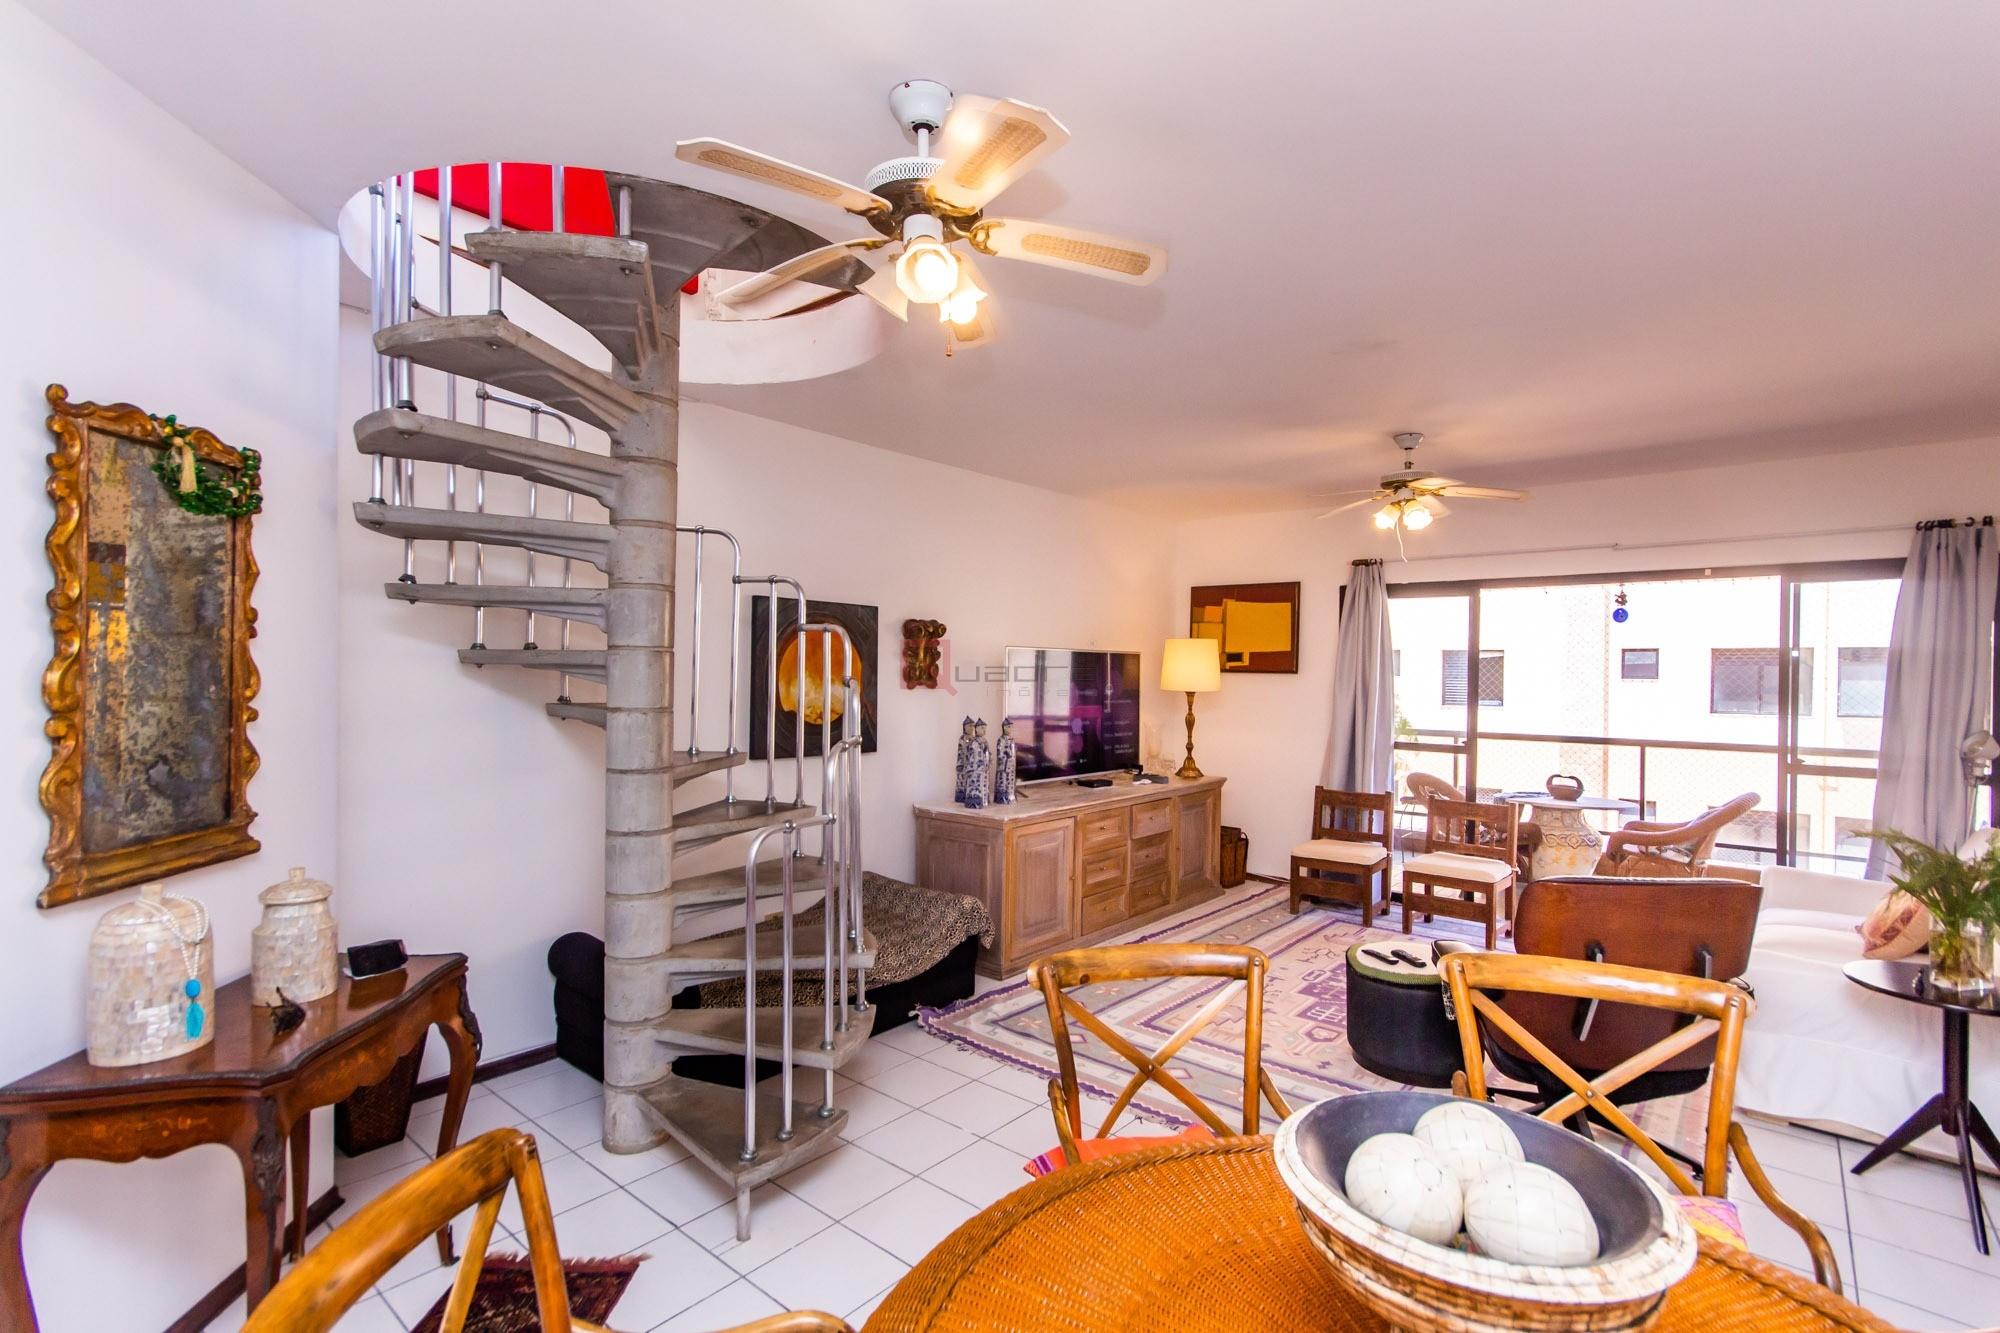 Apartamento com 3 dormitórios (2 suítes) à venda em Caraguatatuba, no bairro Tabatinga